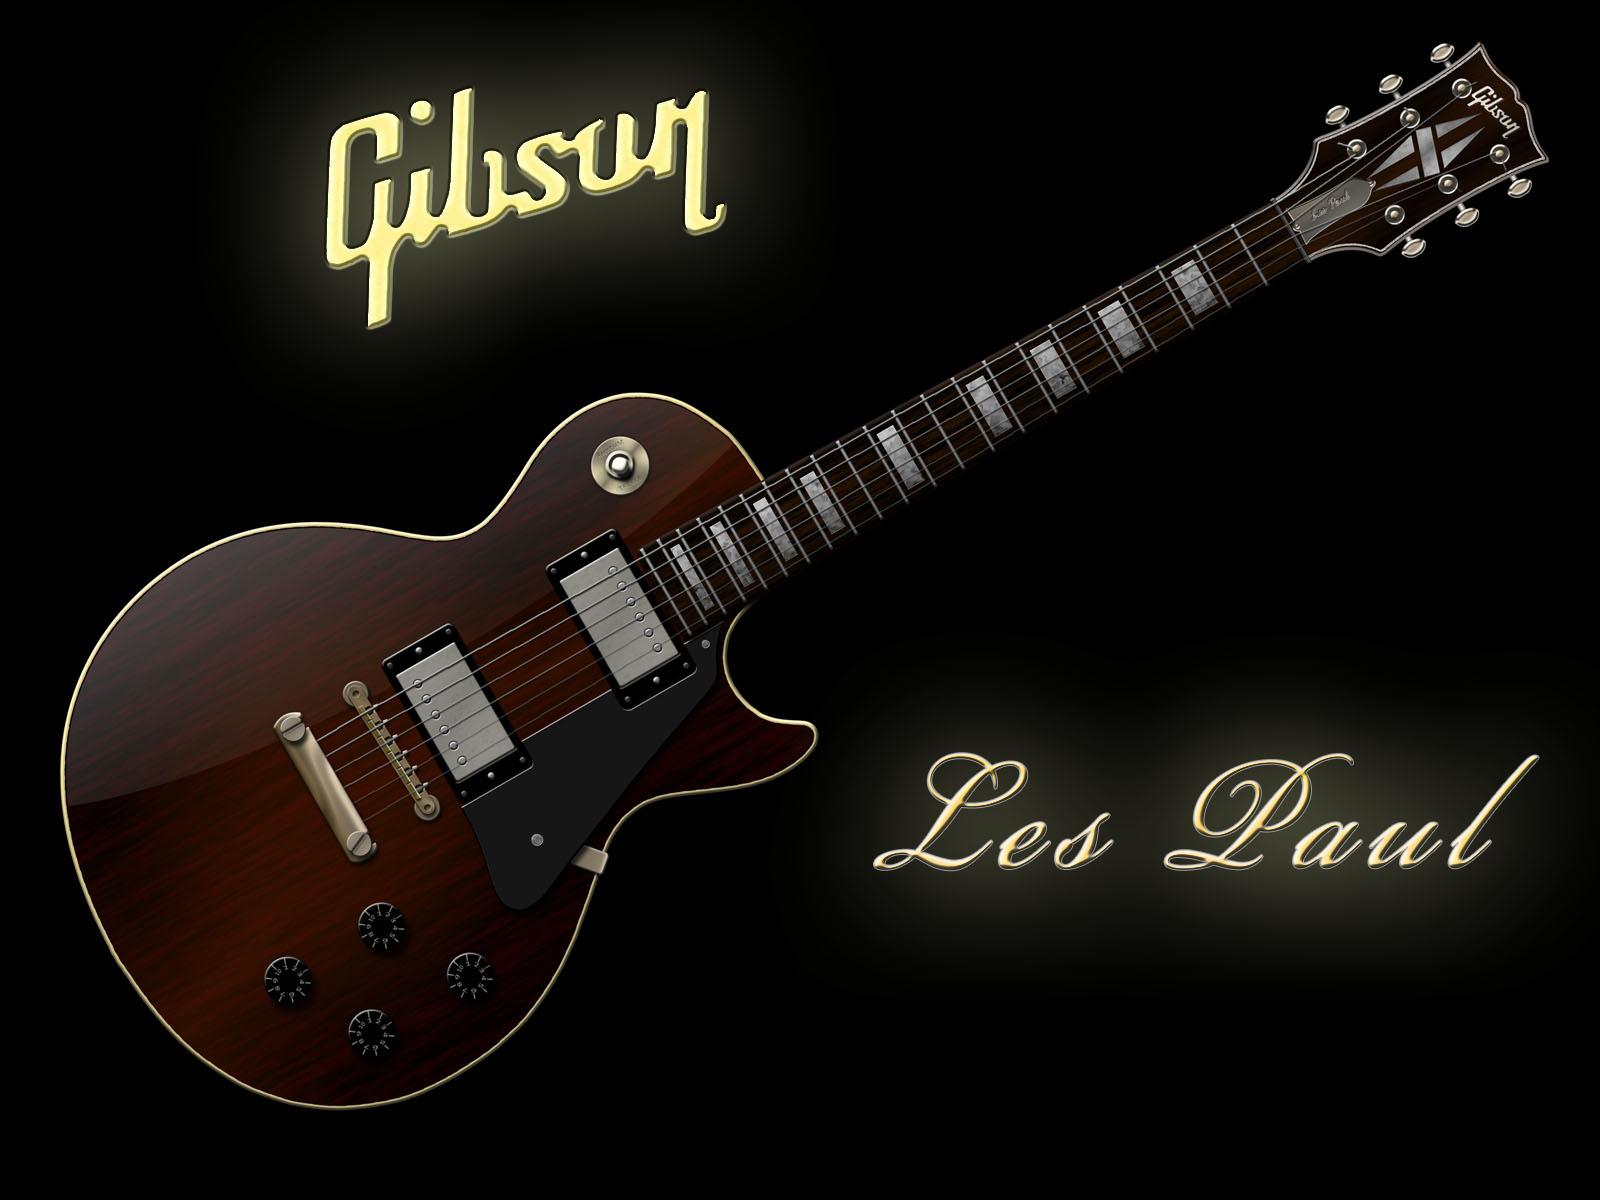 Gibson Guitar Wallpaper HD